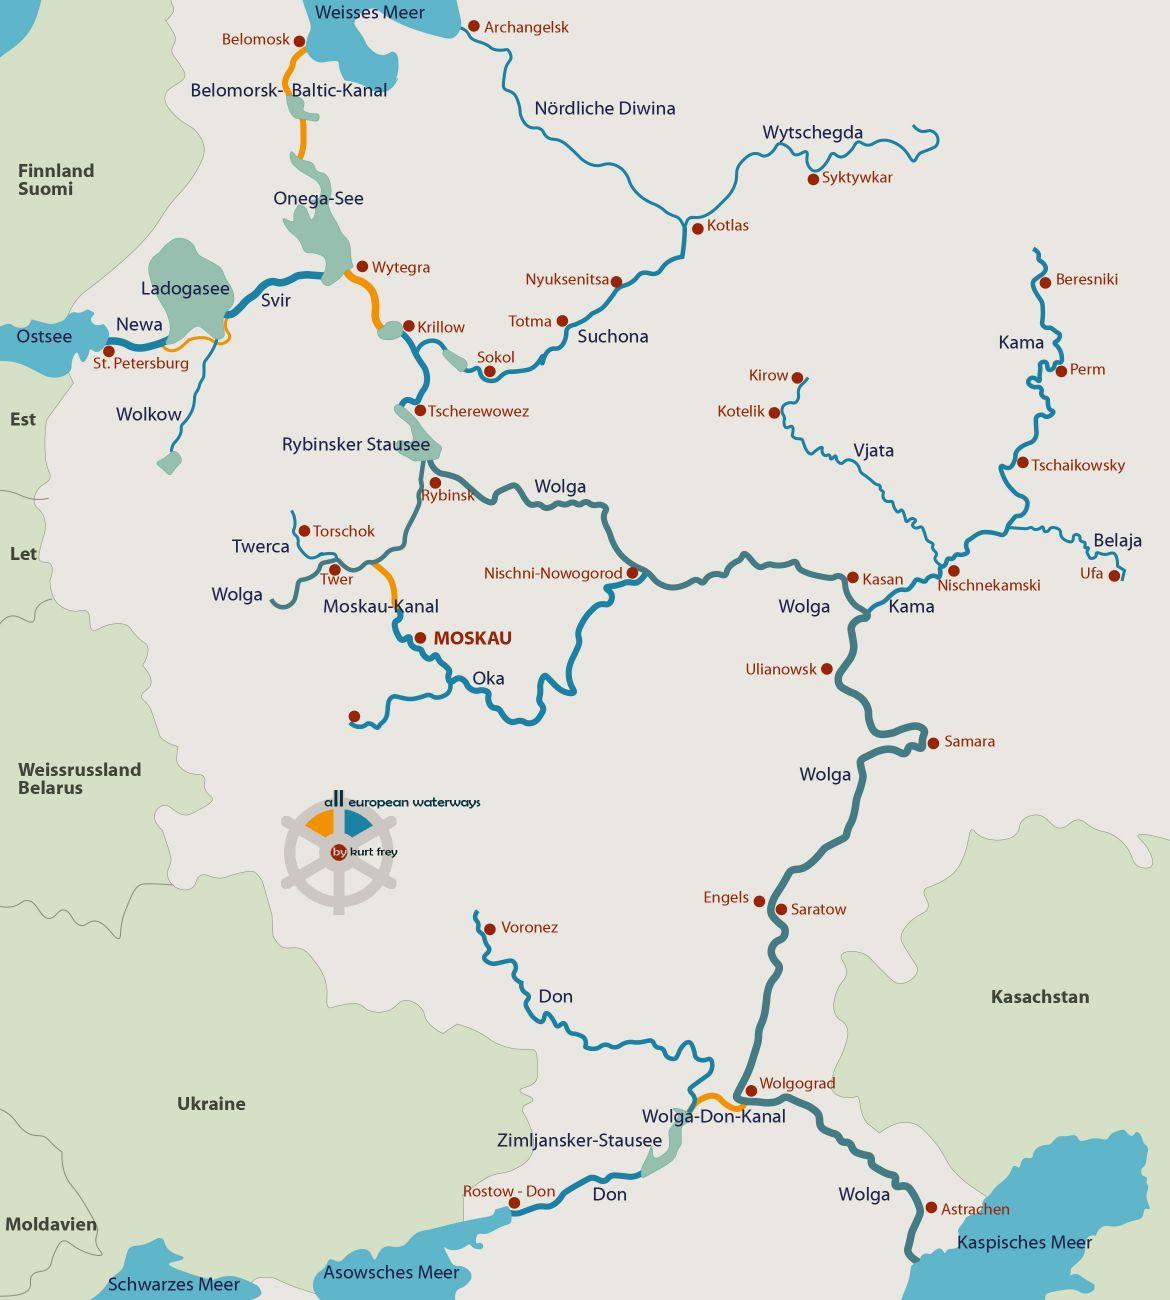 Der grösste Fluss im Europäischen Russland - Waterways